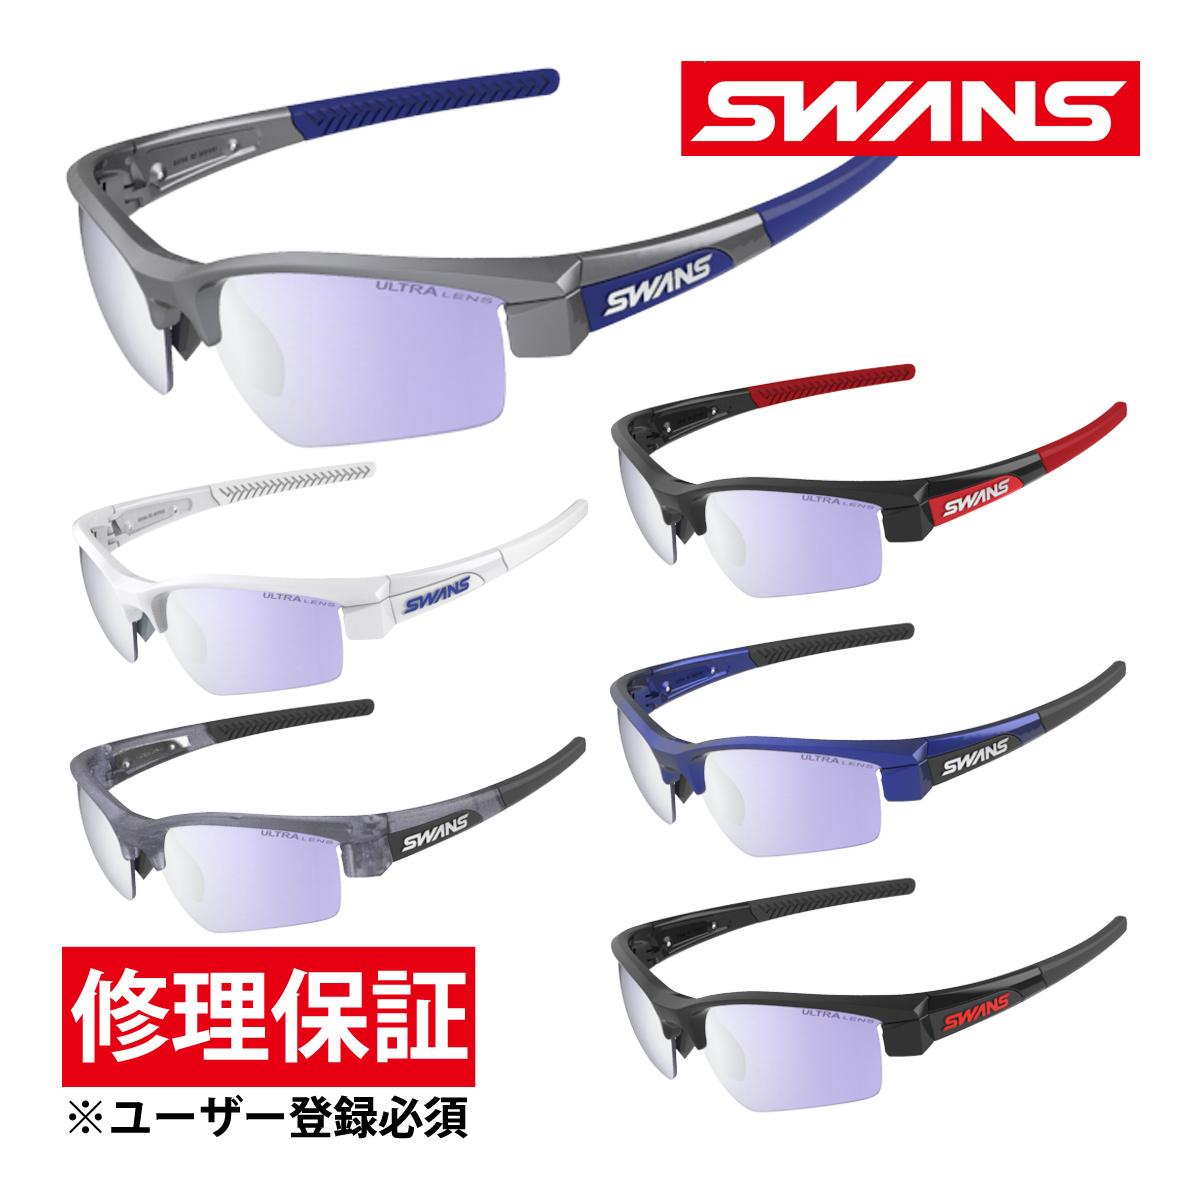 サングラス ミラーレンズ シルバーミラー×ULアイスブルー スポーツ メンズ レディース LION SIN フレーム+L-LI SIN-0714 LPRSL ウルトラレンズ おすすめ 人気 SWANS スワンズ